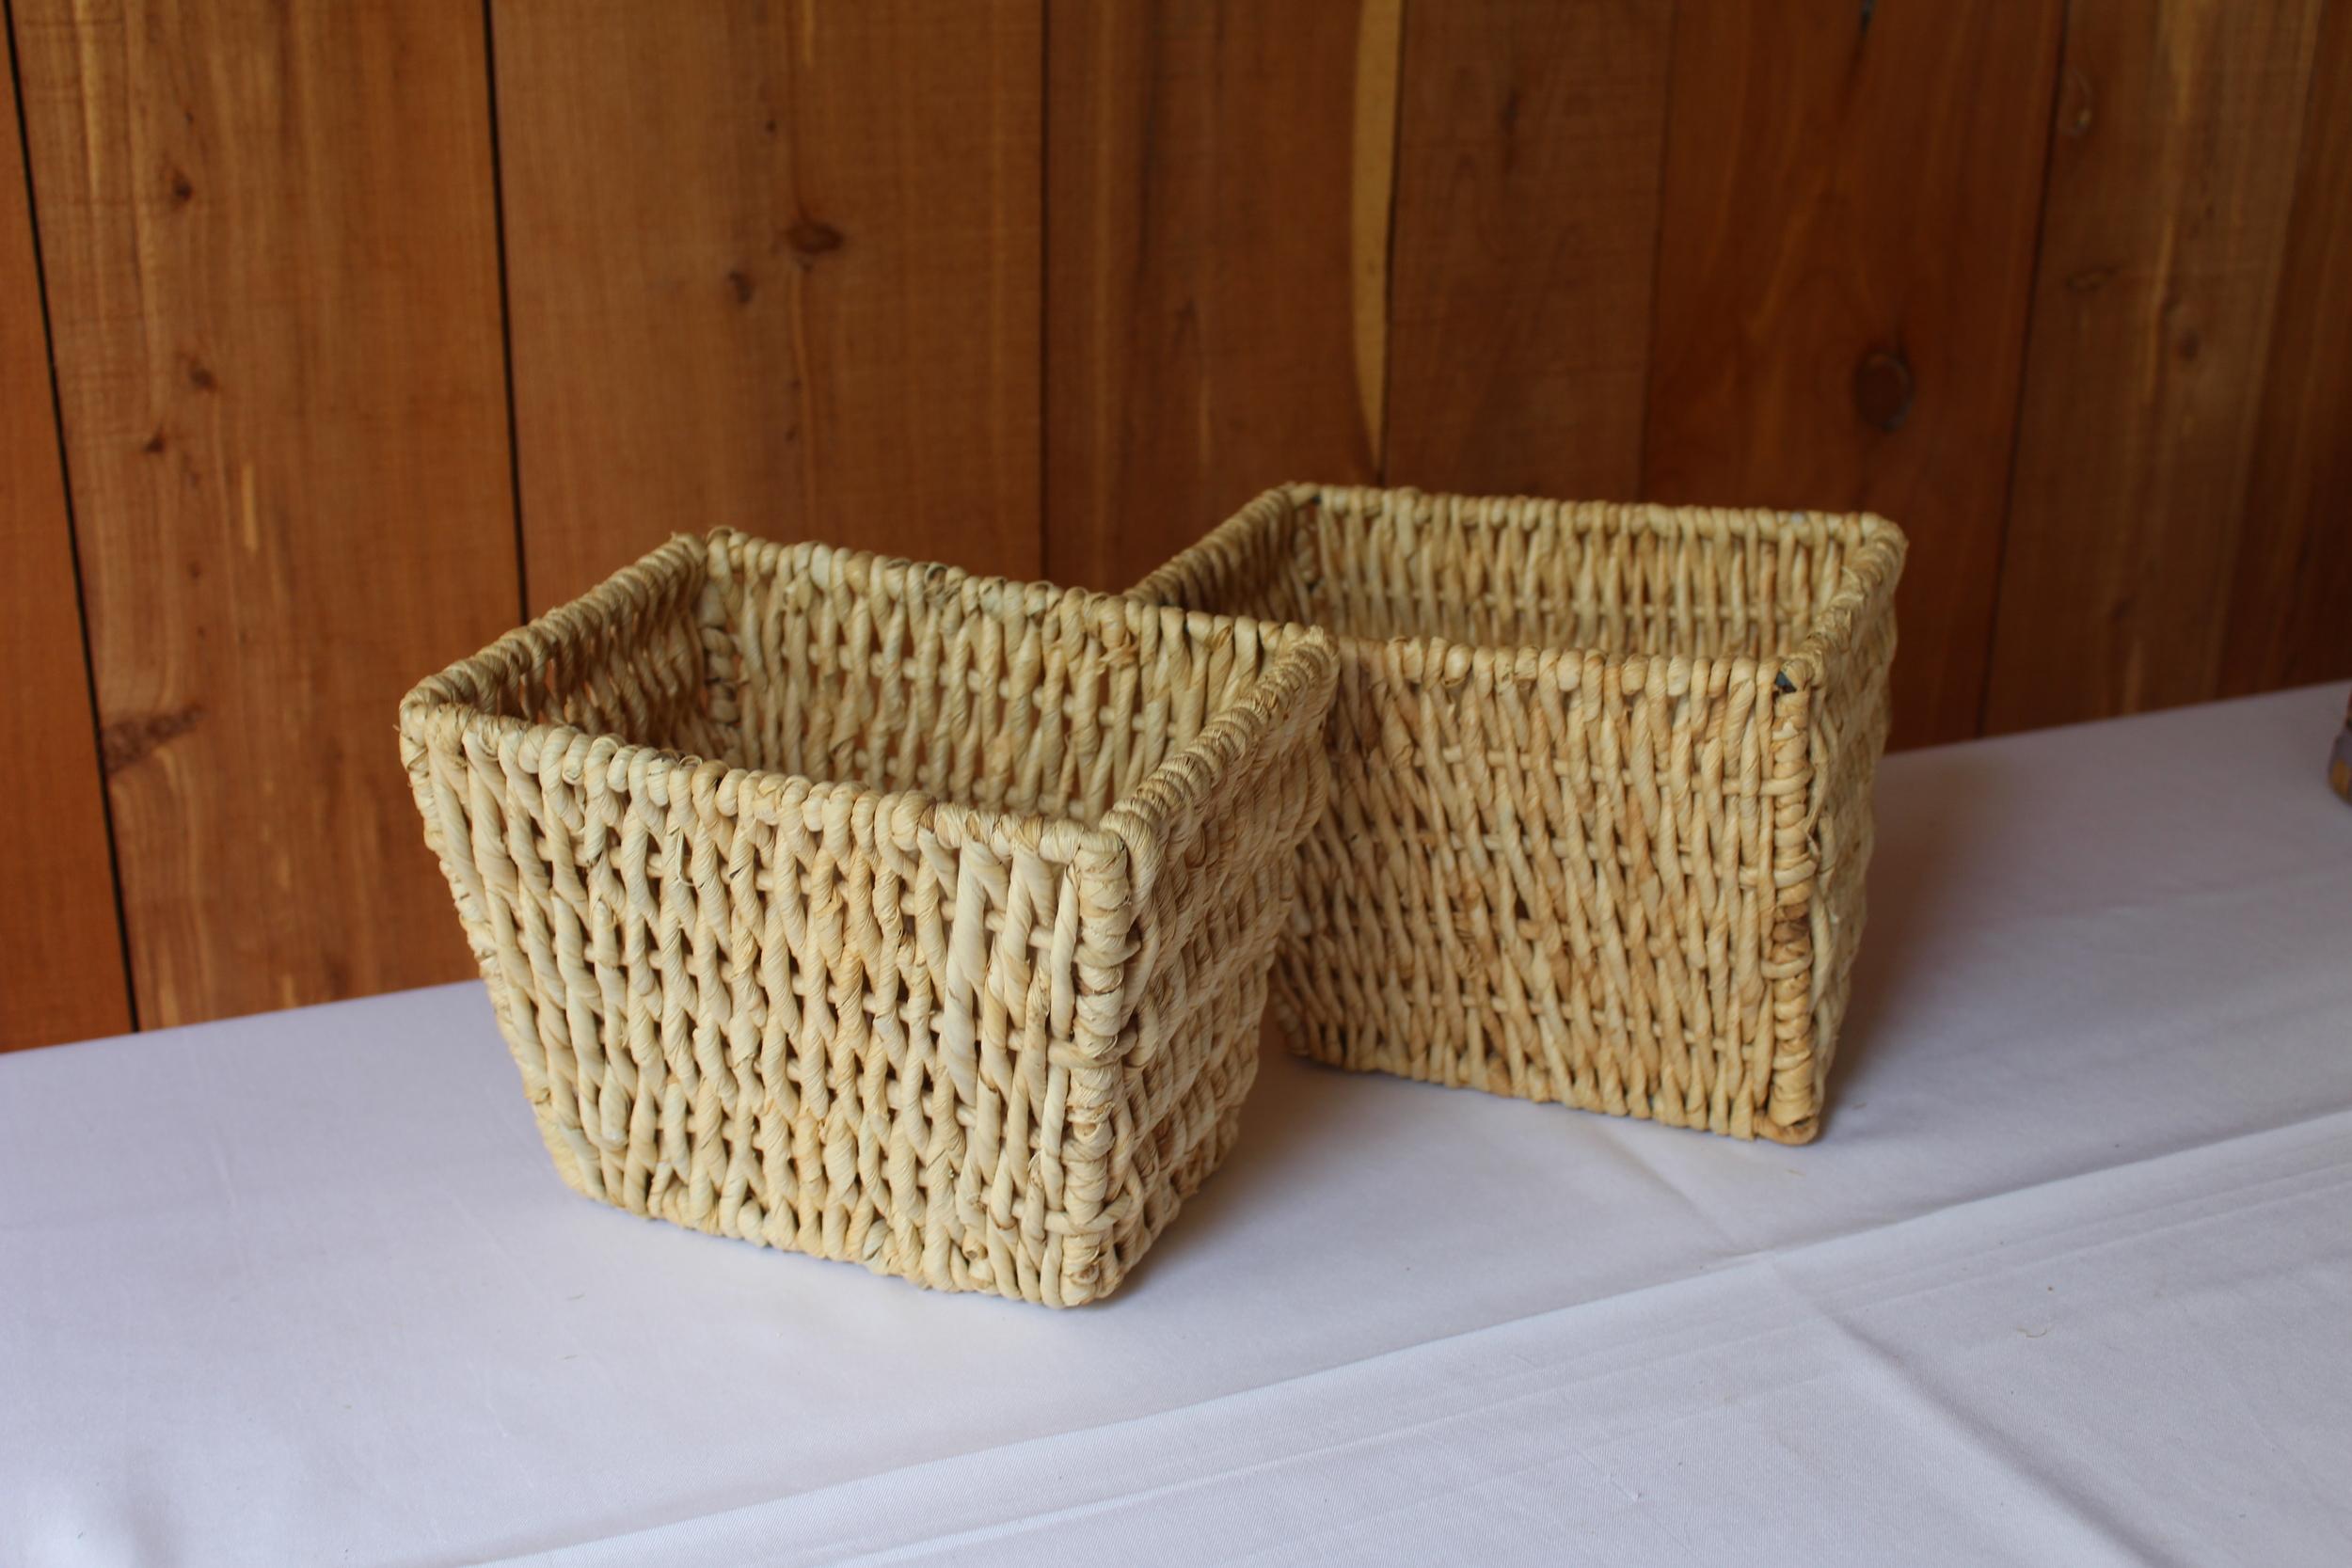 #63 - Wicker Basket